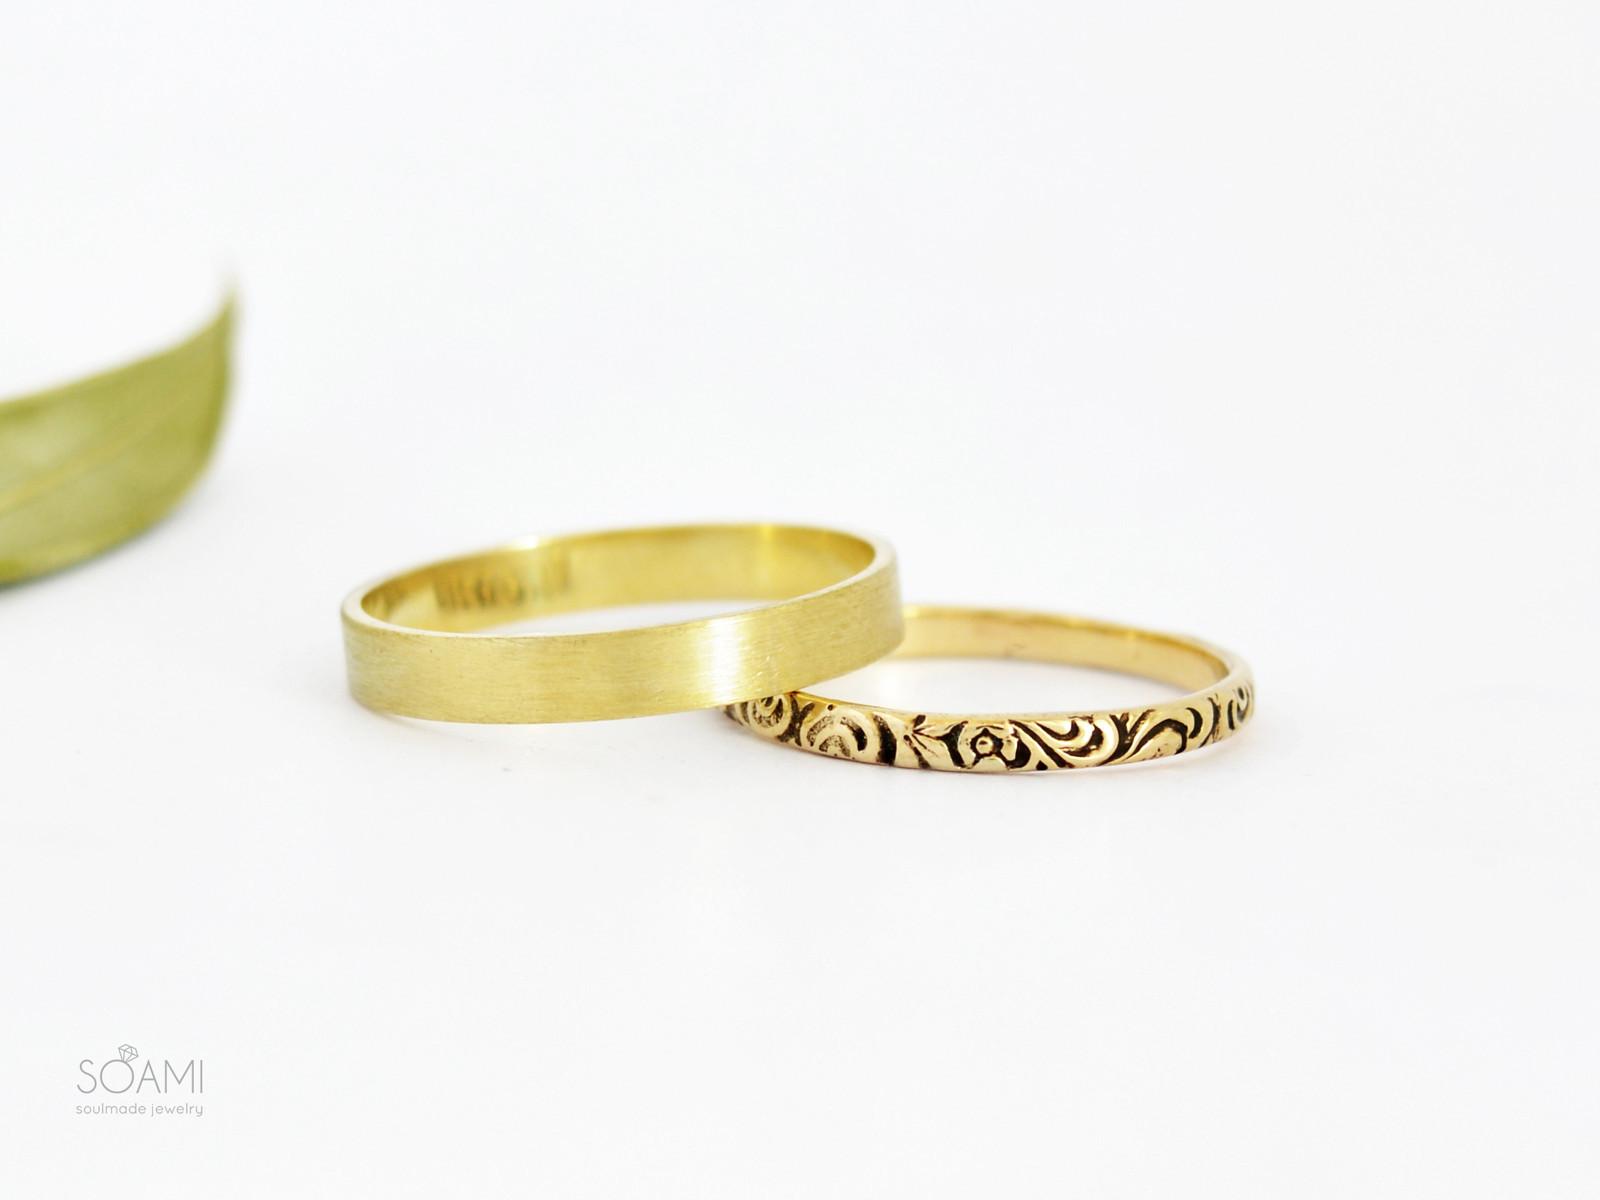 14k Zlate Snubni Prsteny Obroucky Zlute Zlato Zbozi Prodejce